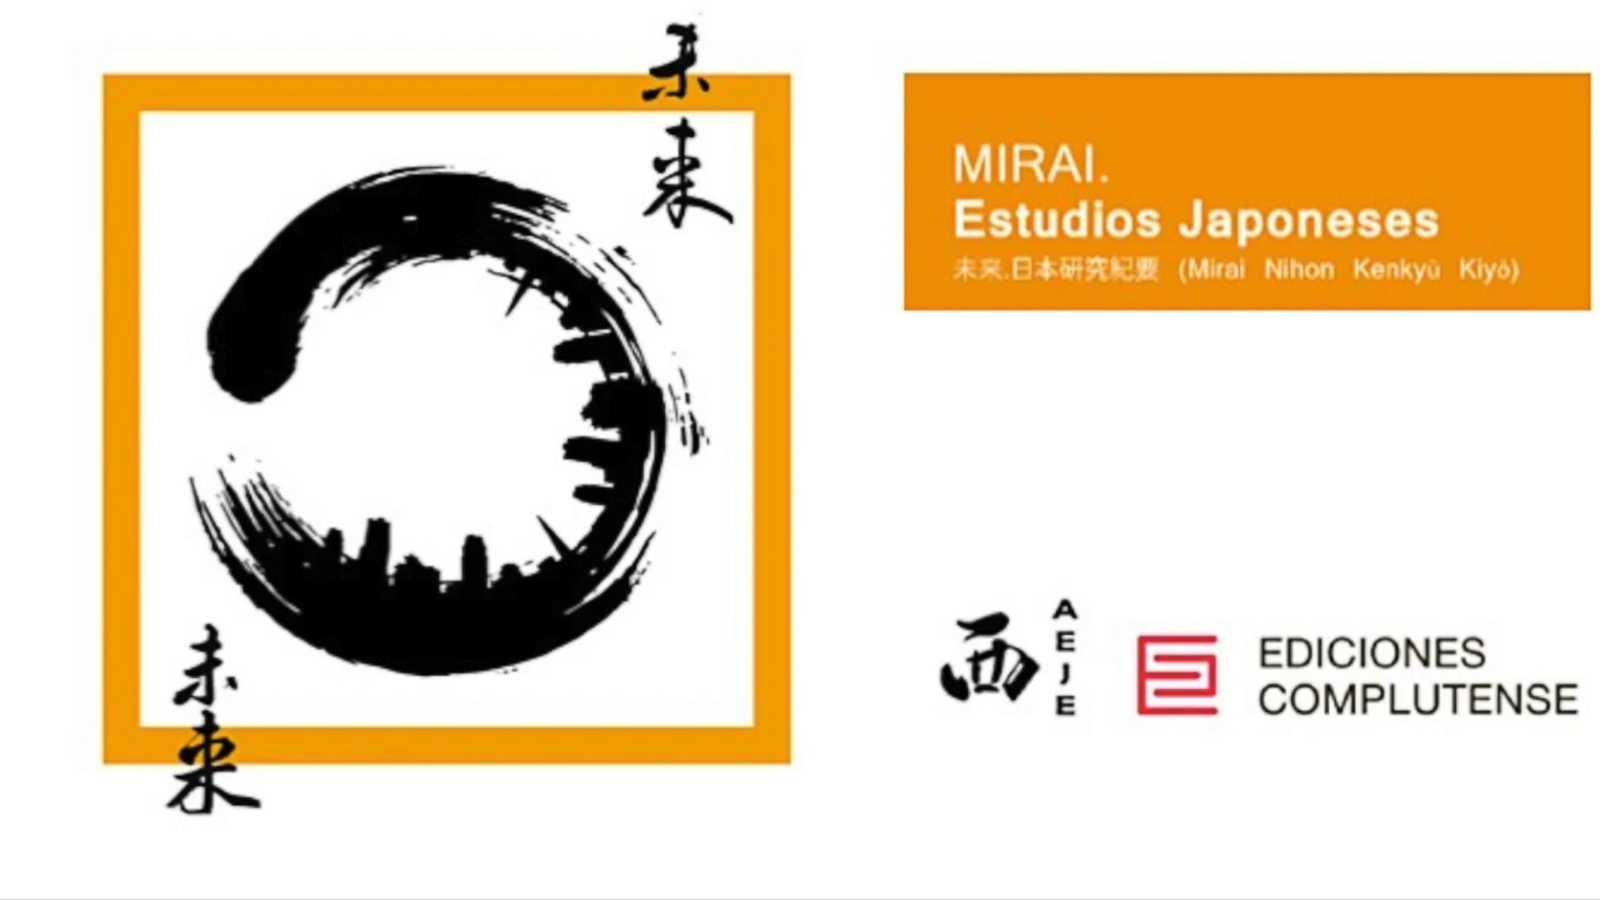 Asia hoy - Japonología en español: la revista 'Mirai' - 04/11/20 - escuchar ahora